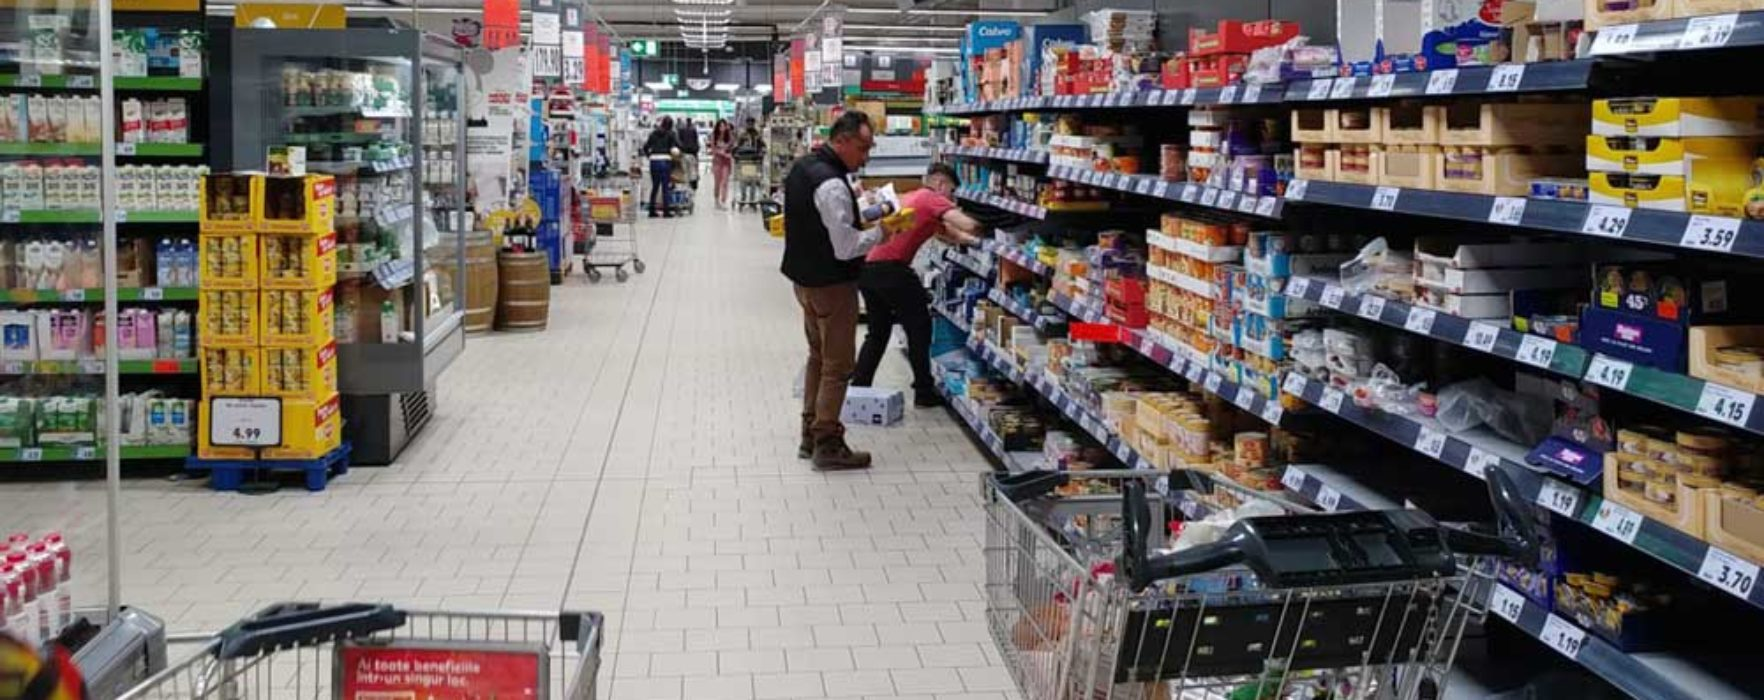 #Covid-19 Târgovişte: În supermarketuri sunt stocuri de mâncare, s-au vândut soluţiile de curăţenie (14 martie)